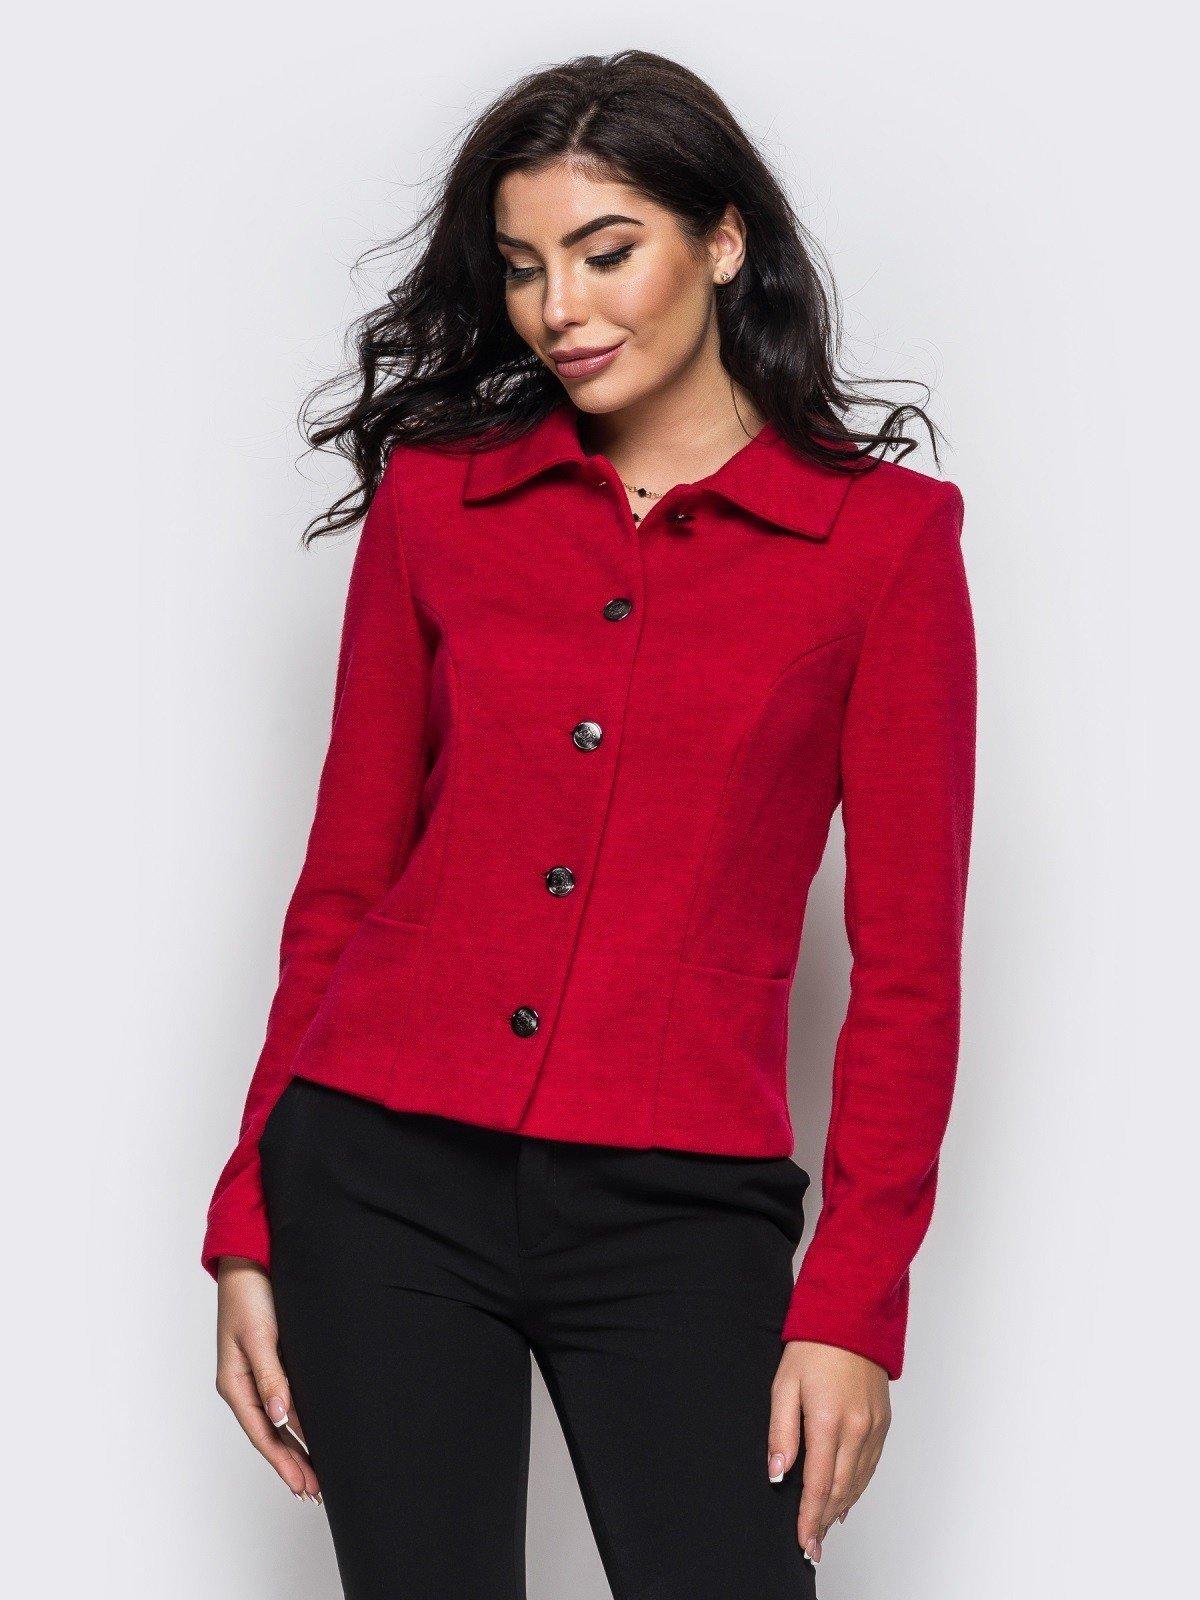 модный красный пиджак женский на пуговицах 2018